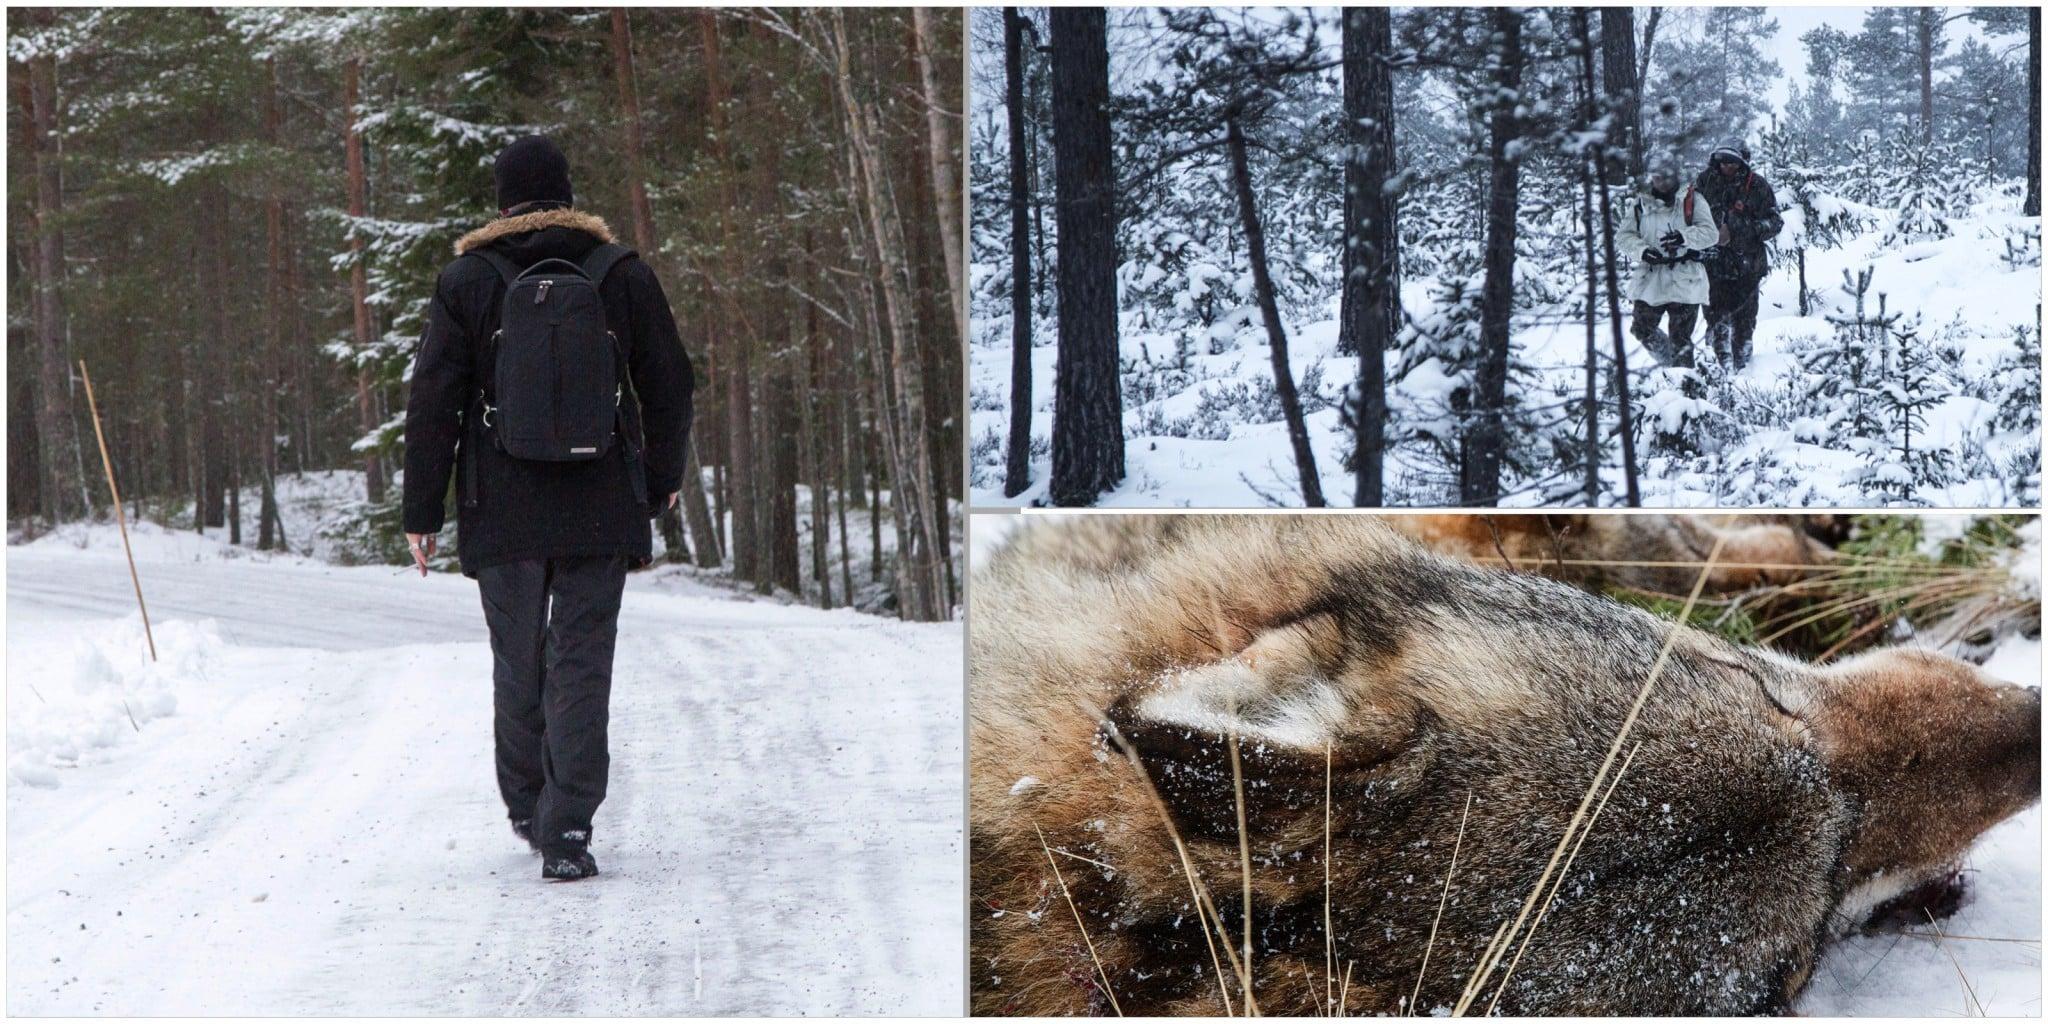 """I Jägareförbundets skrift """"Att hantera jaktsabotage"""" finns fler råd till jägaren på hur han eller hon ska agera vid möten med människor som vill störa jakten. Foto: Olle Olsson"""